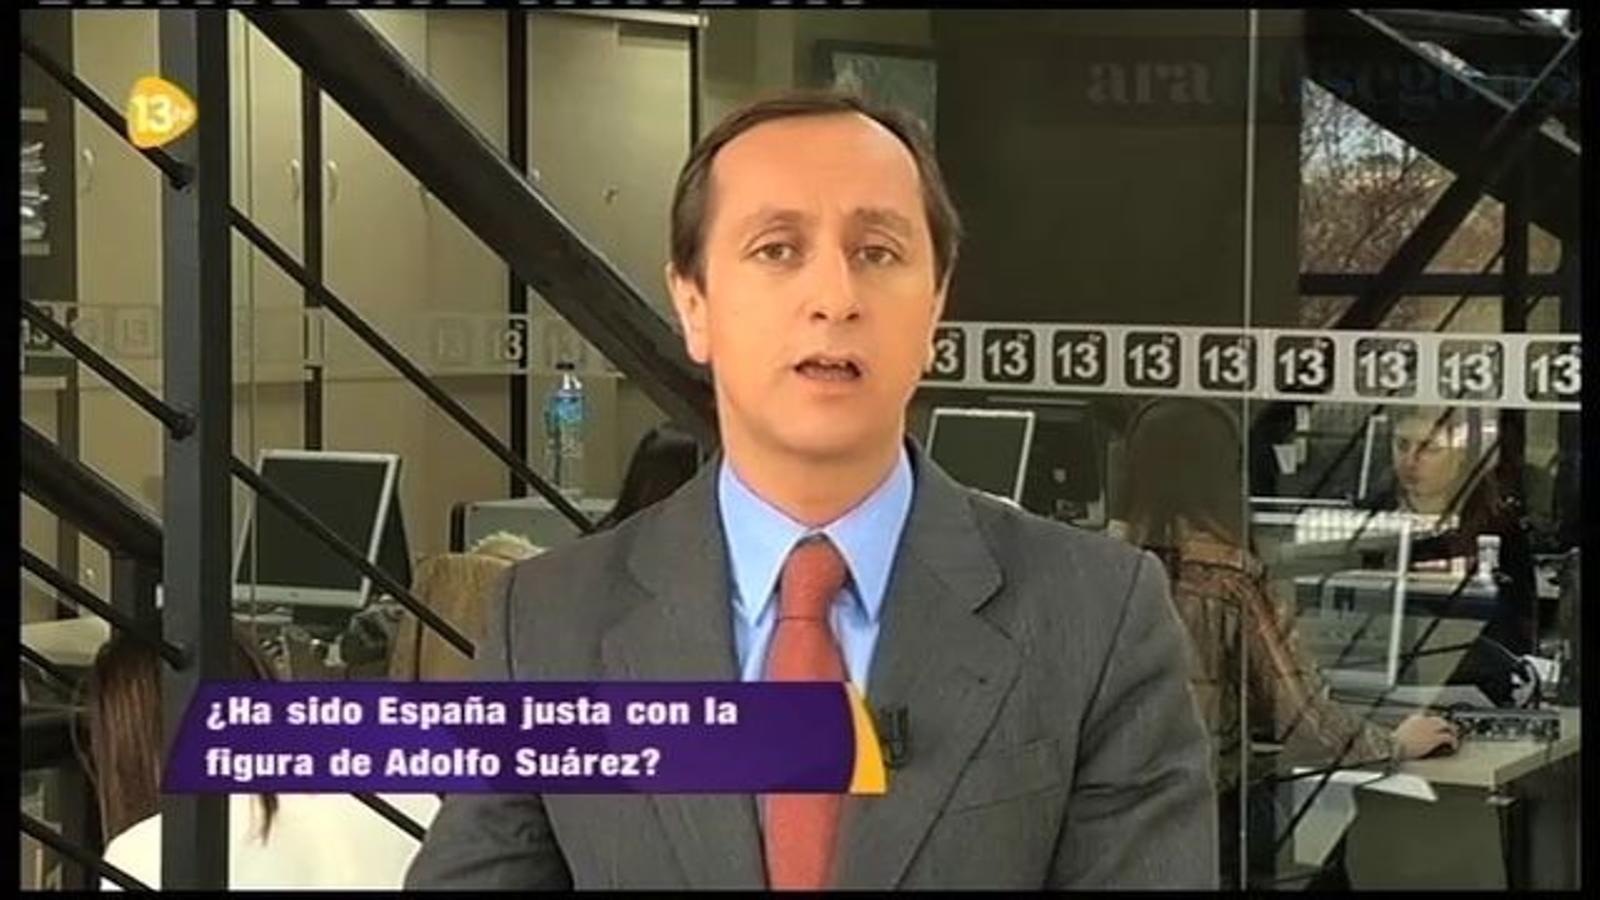 El record de la figura del Suárez segons els altres mitjans